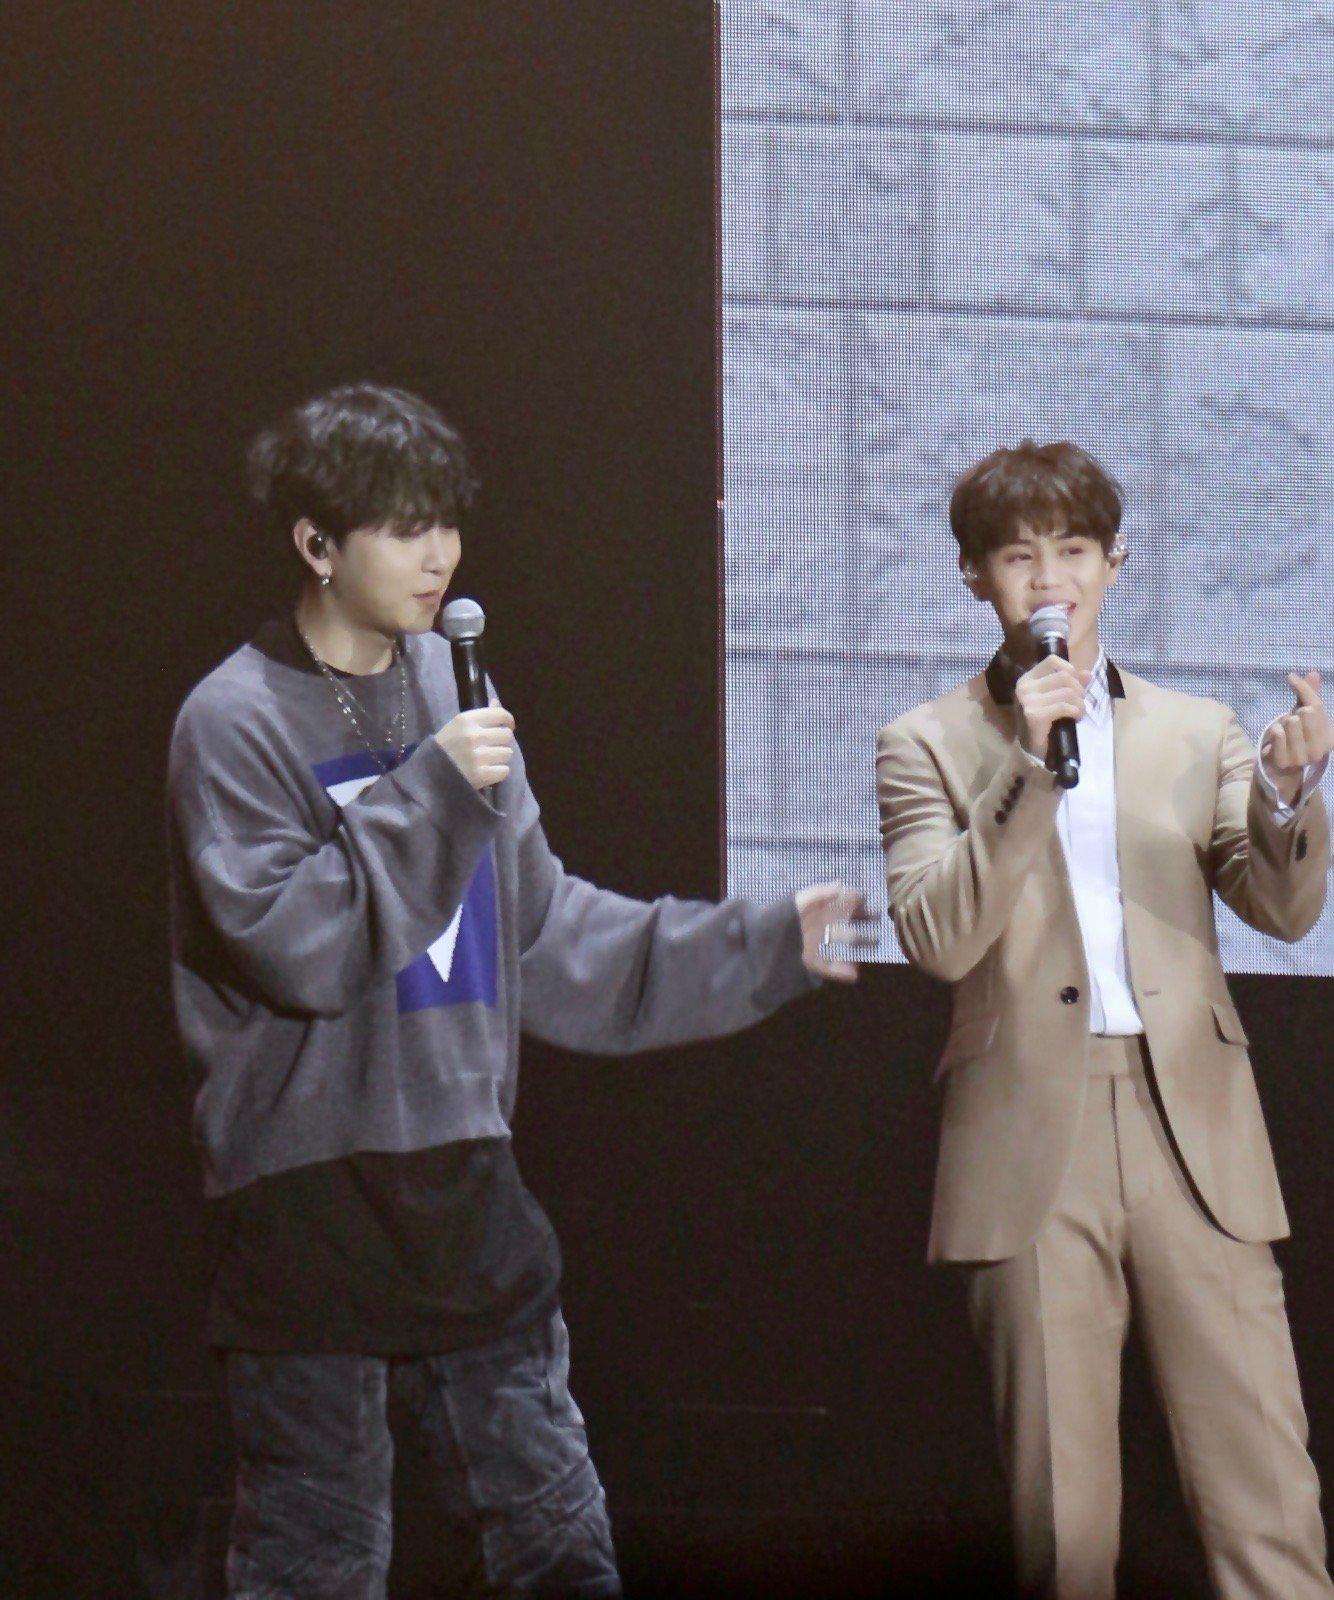 201801111Junhyung & Yoseob mini concert in HK #Highlight #하이라이트 #용준형 #양요섭 https://t.co/sB3ECSVTNz